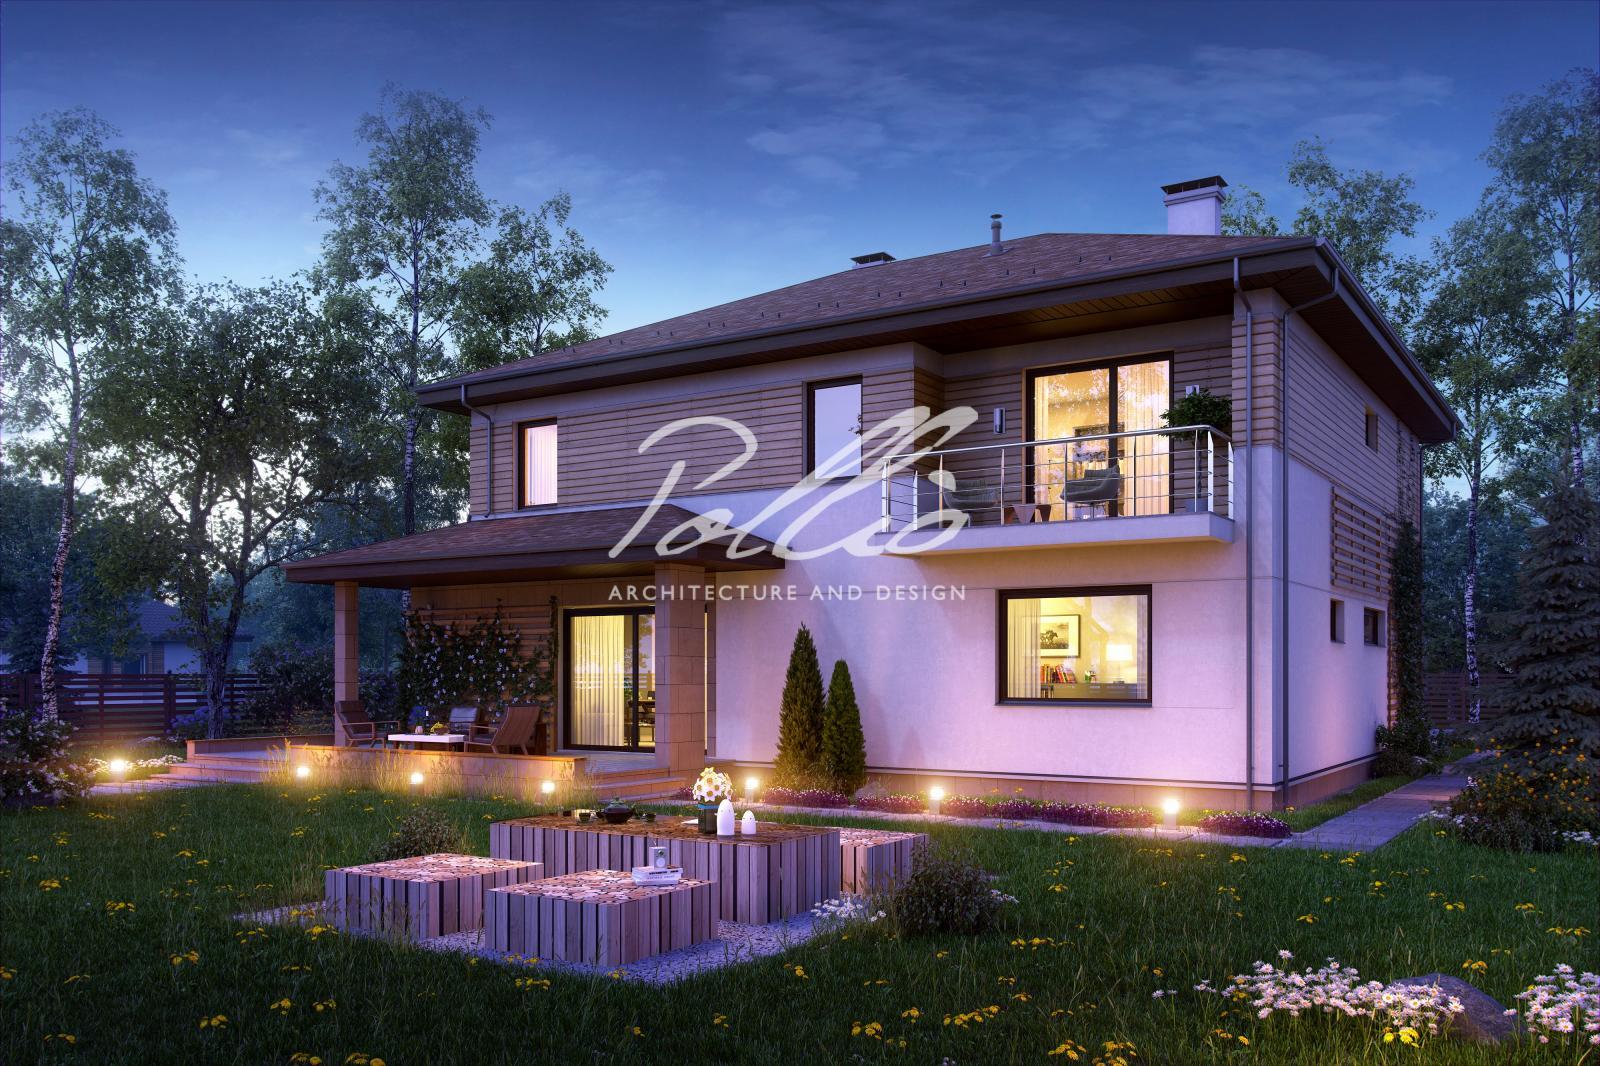 X4 Комфортный двухэтажный дом для современной семьи фото 4